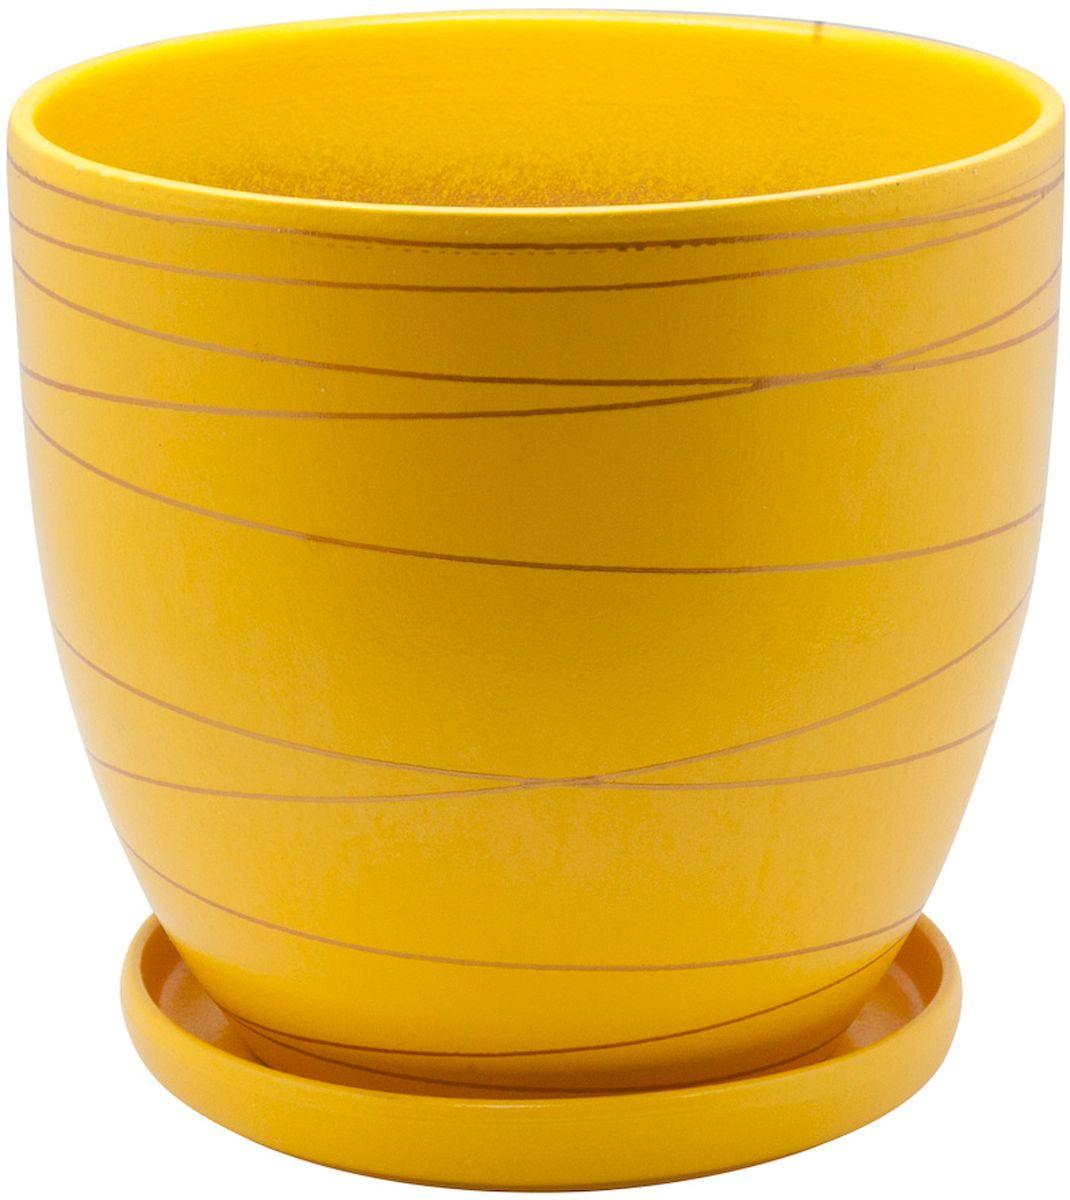 Горшок цветочный Engard, с поддоном, цвет: желтый, 0,5 л531-105Керамический горшок - это идеальное решение для выращивания комнатных растений и создания изысканности в интерьере. Керамический горшок сделан из высококачественной глины в классической форме и оригинальном дизайне.